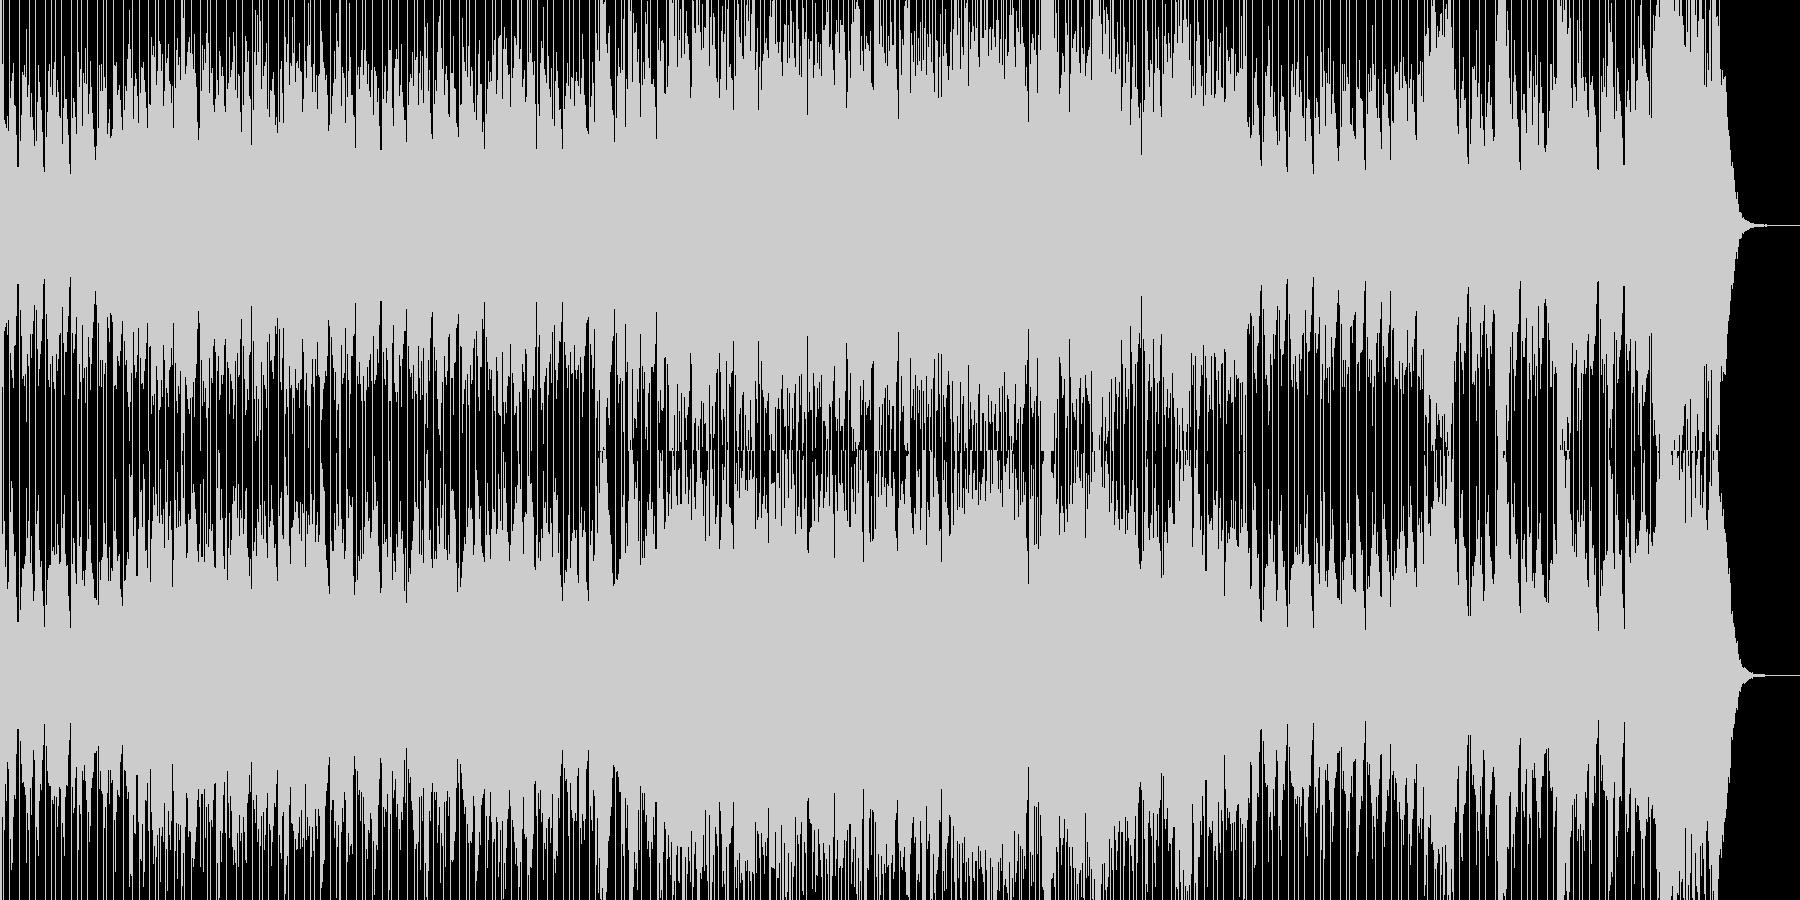 戦いの太鼓 ティンパニと不協和音の未再生の波形